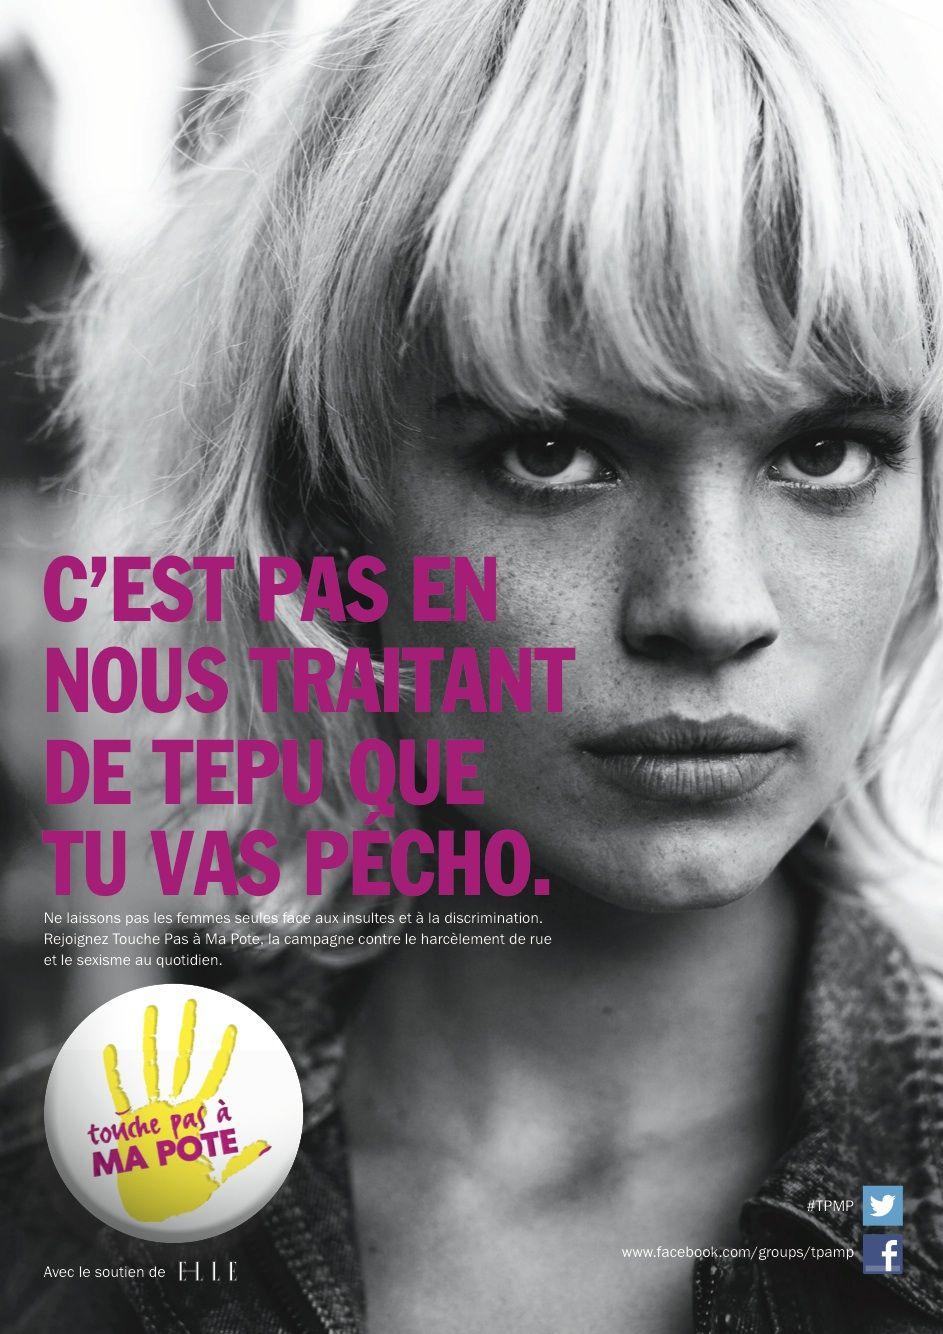 Exceptionnel Touche Pas à Ma Pote, contre le harcèlement de rue et le sexisme  IE62